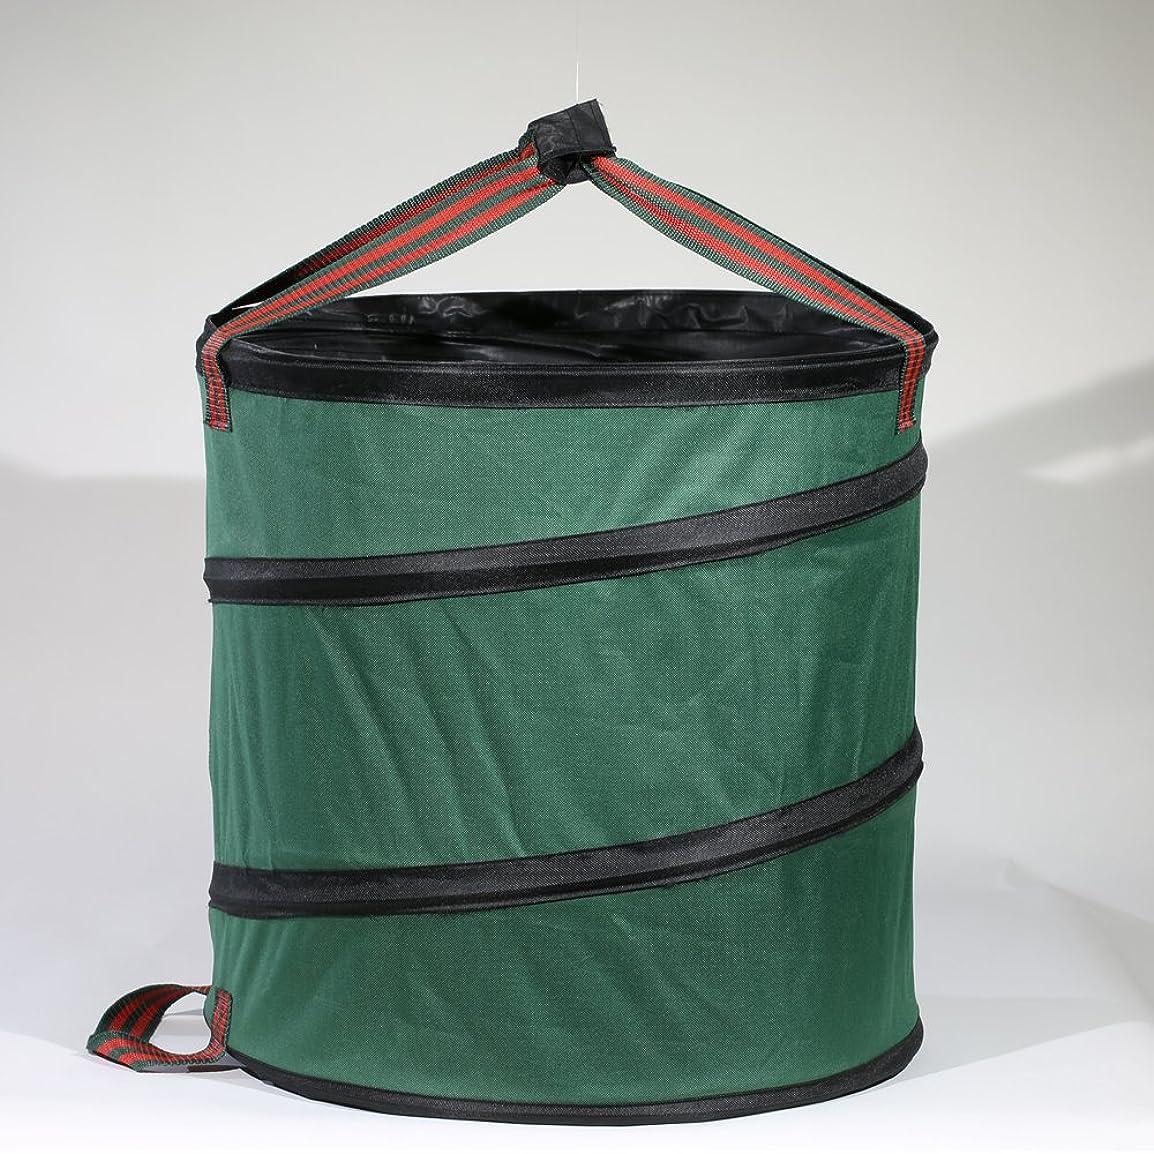 敬の念力自信があるSUSUQI ガーデンバッグ ガーデン用収草袋 ガーデンバケツ ガーデンバッグ 折り畳み 自立式 丸大 枯れ葉 落ち葉 雑草 エクステリア バッグ 便利 アイテム size 18.5 x 20 inch (Green)